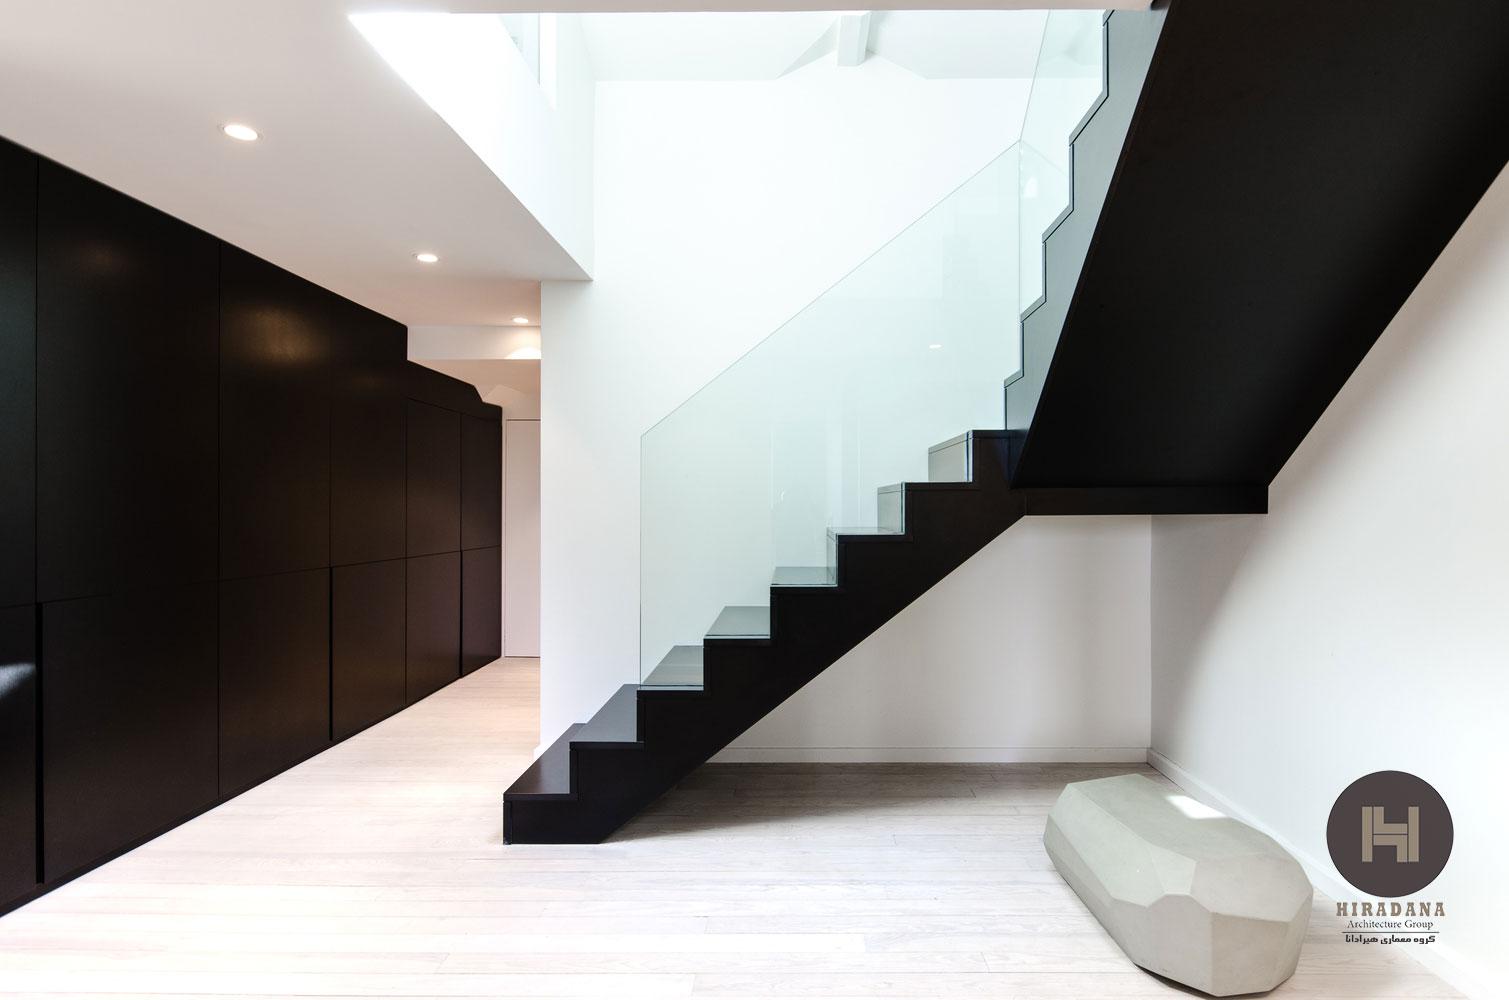 بازسازی ساختمان و منزل با رنگ سفید و سیاه